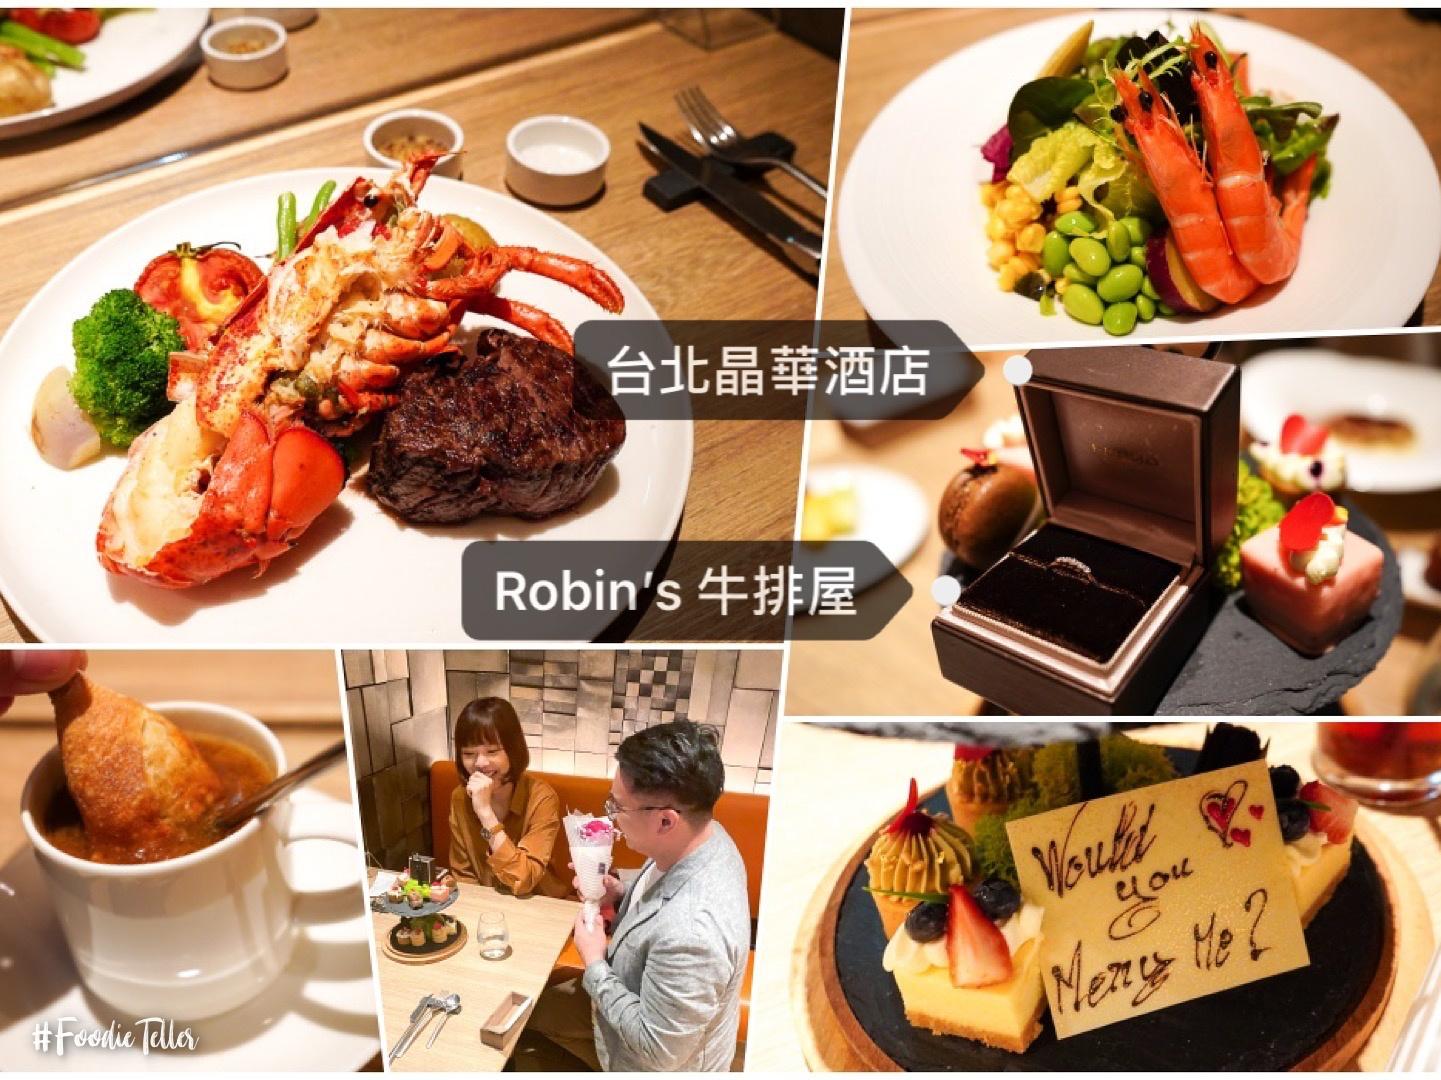 求婚餐廳推薦台北晶華酒店Robin's牛排屋|豪華海陸龍蝦菲力配甜點求婚盅!